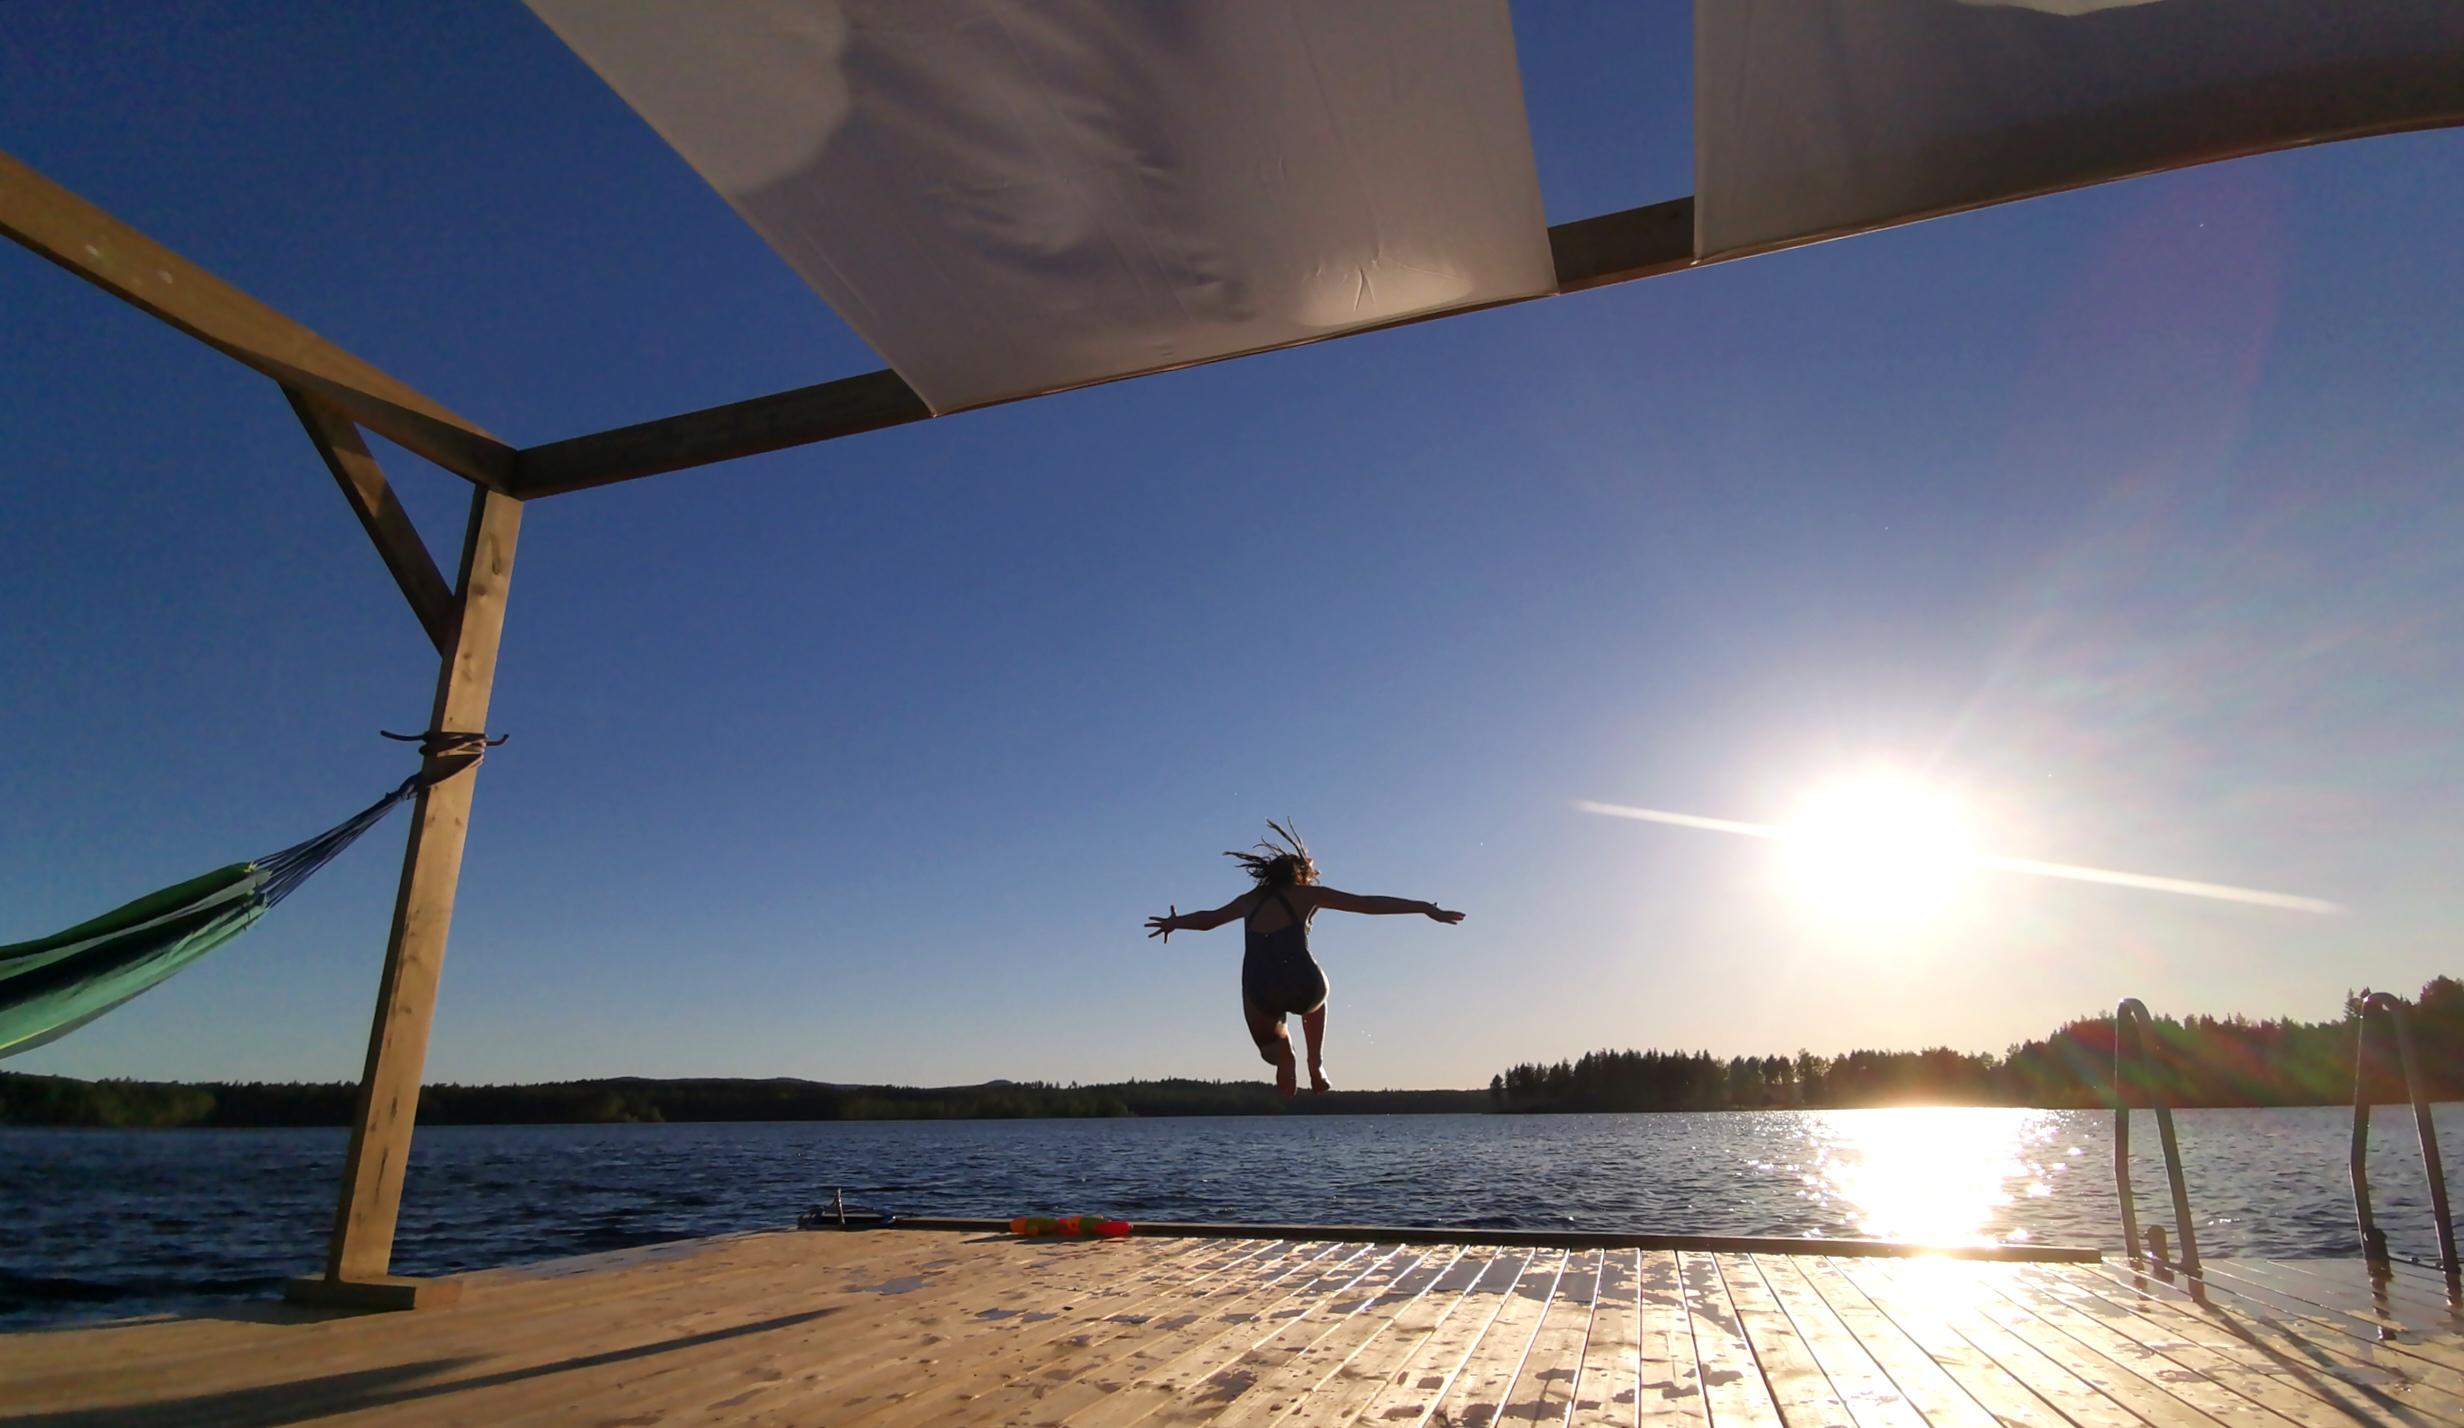 Extremt inspirerande att bad från Bastuflotten. Badkrukor brukar omvändas!